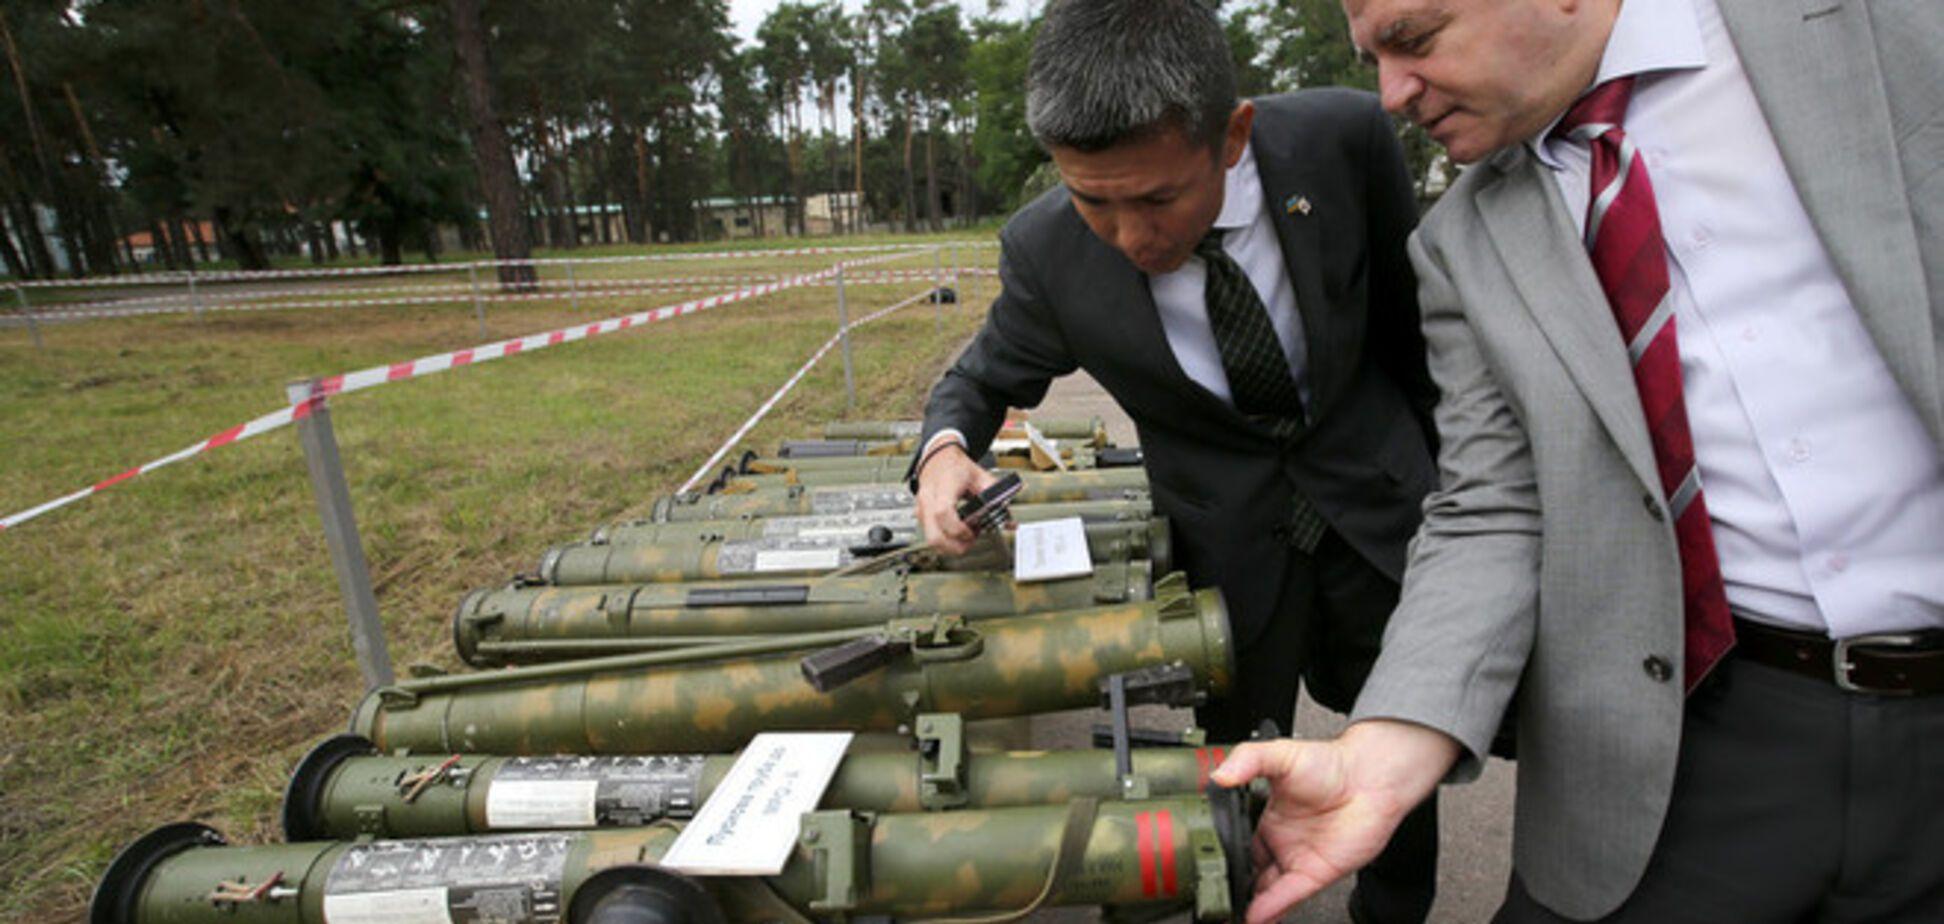 Летальное оружие НАТО в украинской армии на порядок увеличит потери террористов - эксперт